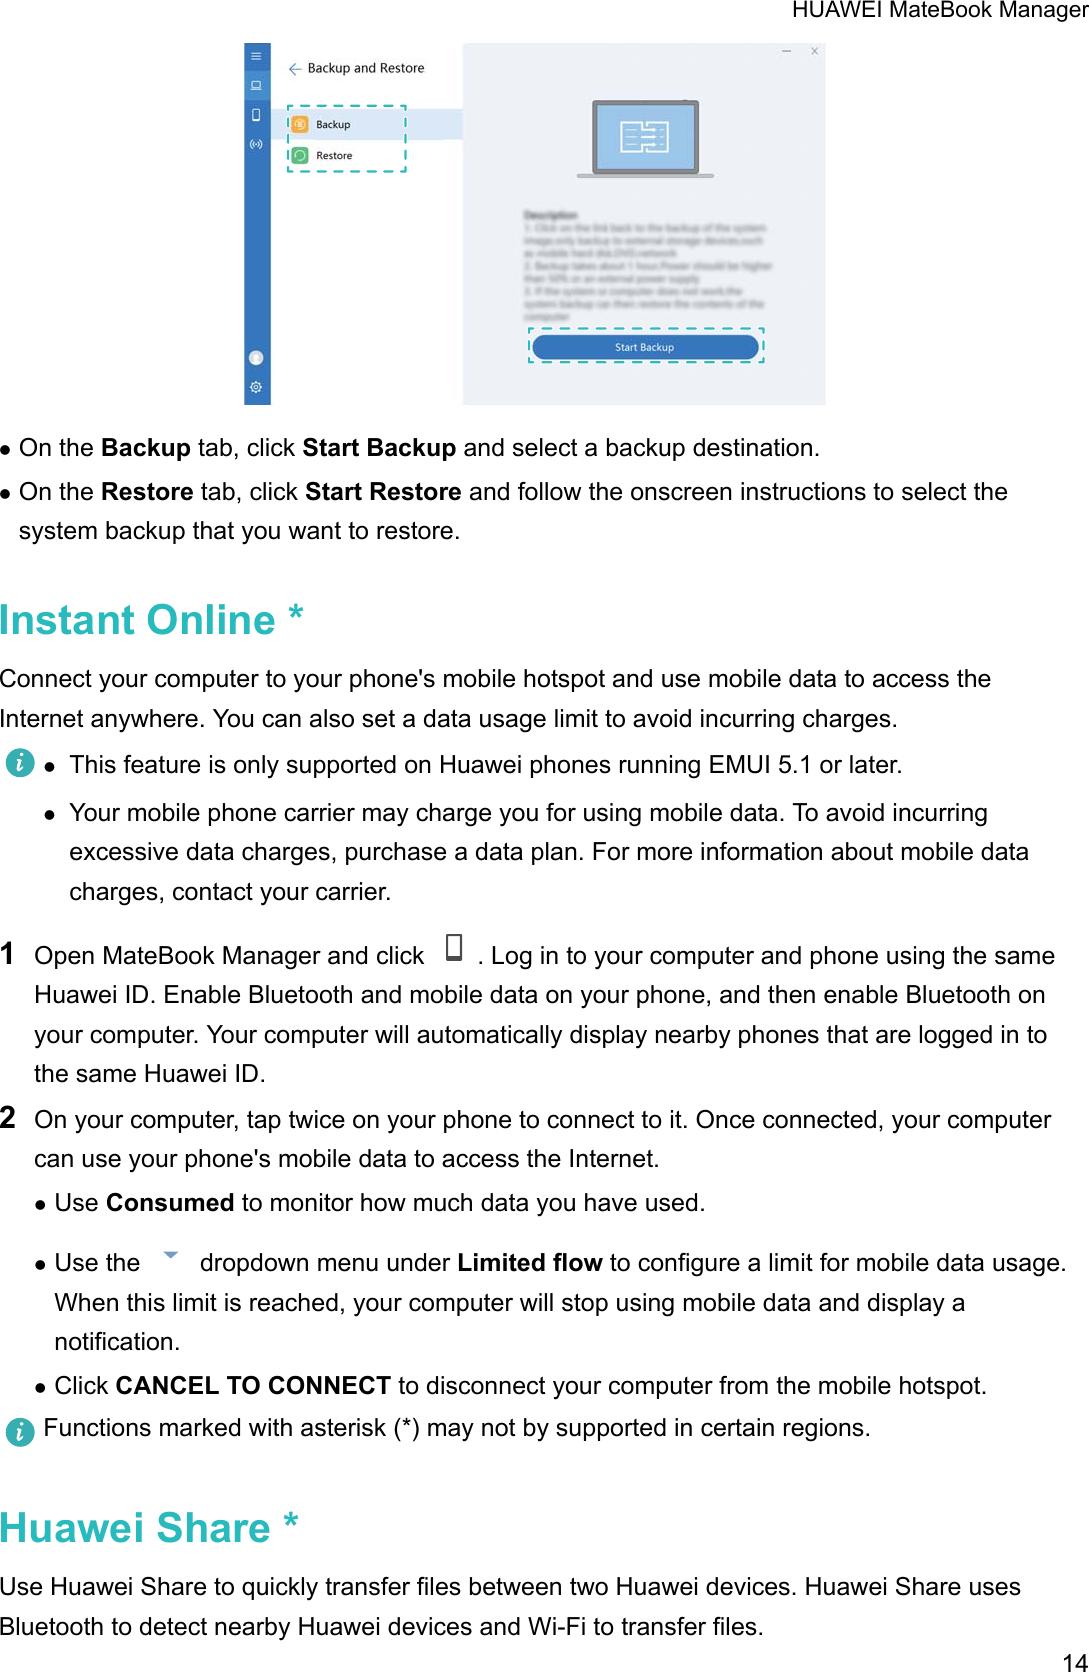 Huawei Mate Book D User Guide (PL W09&W19&W29,01,en us)